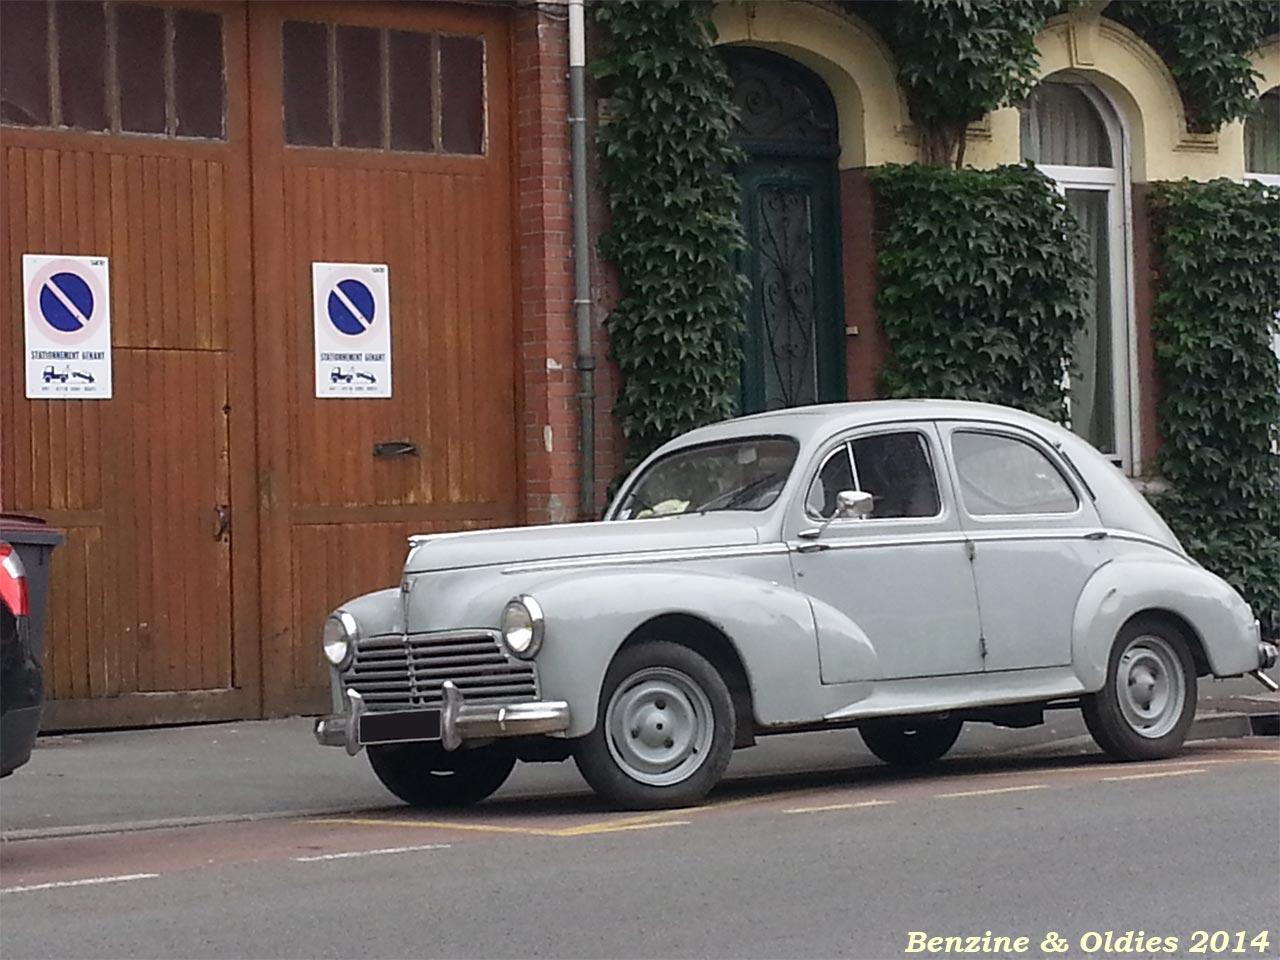 les Peugeot anciennes vues sur la route 426448peugeotonroad0001p203w1280